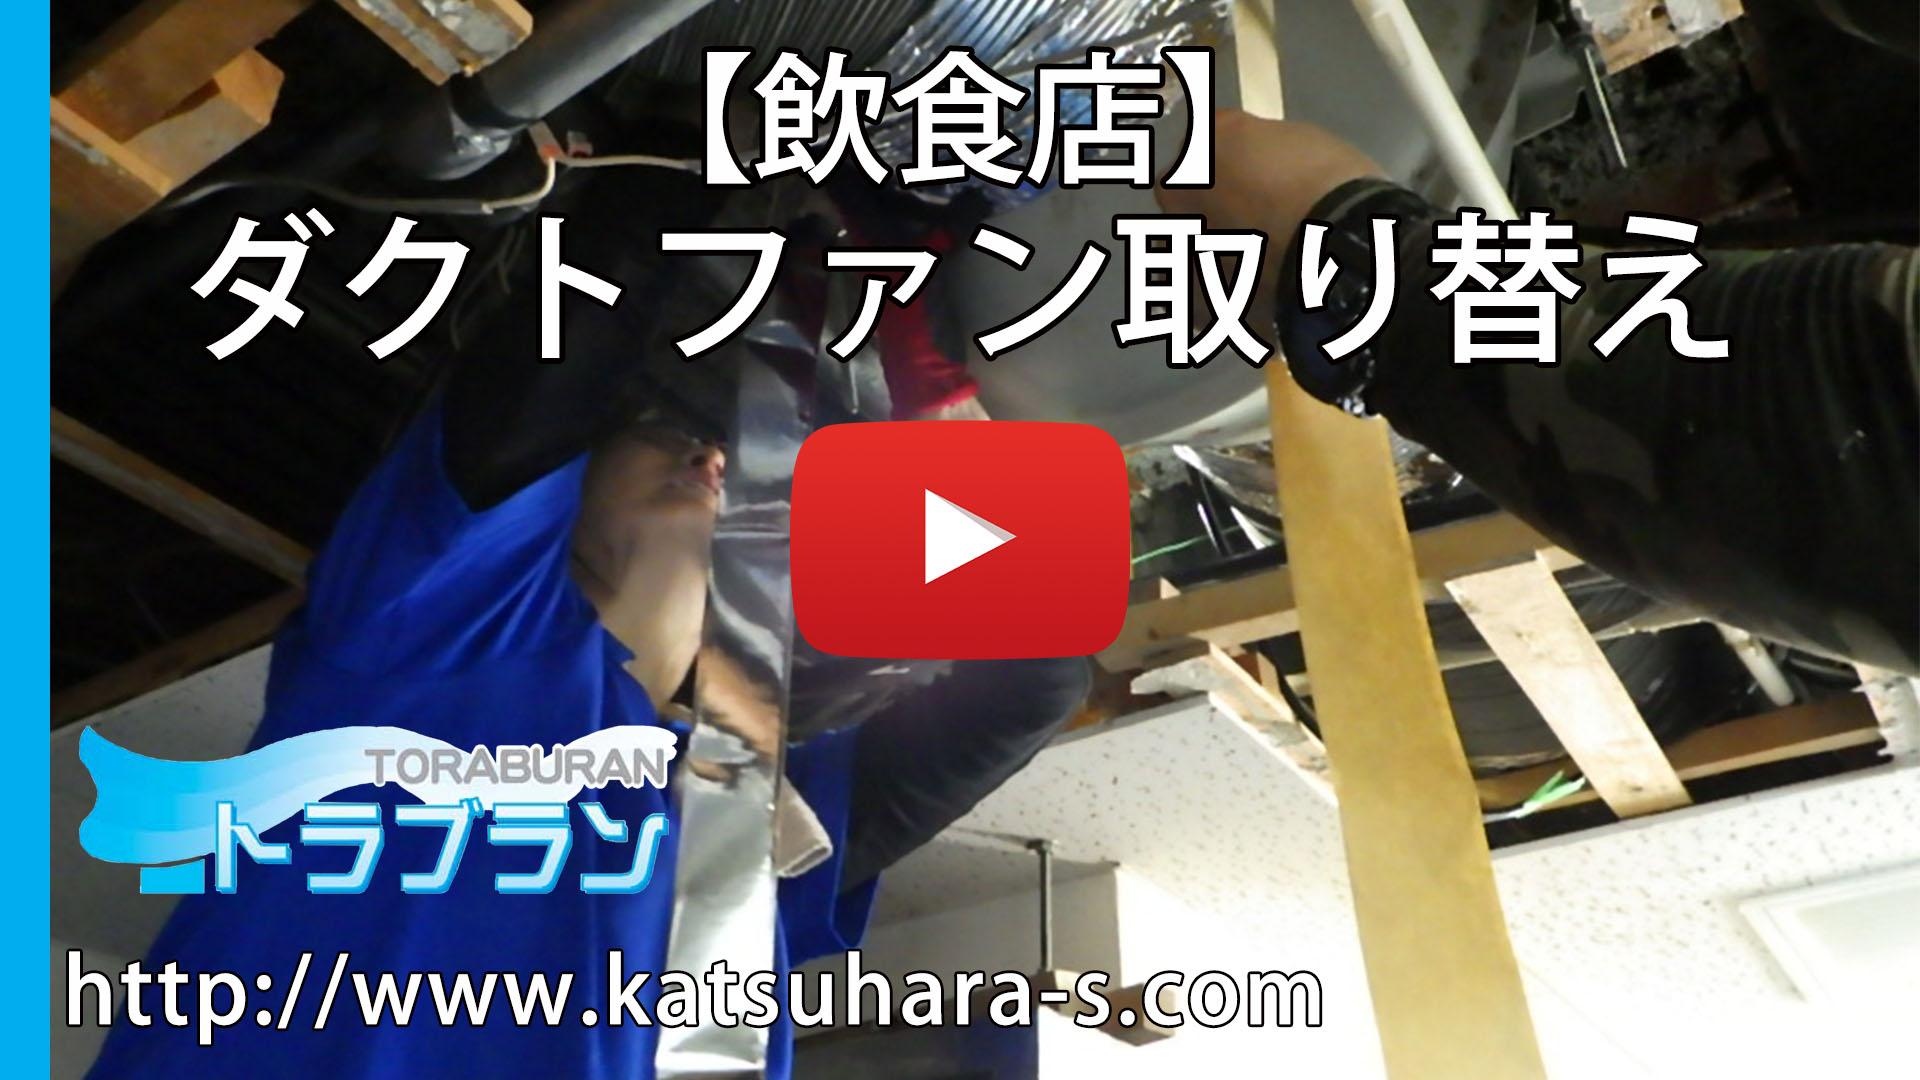 【飲食店】ダクトファン取り替え 改装工事 厨房 トラブラン